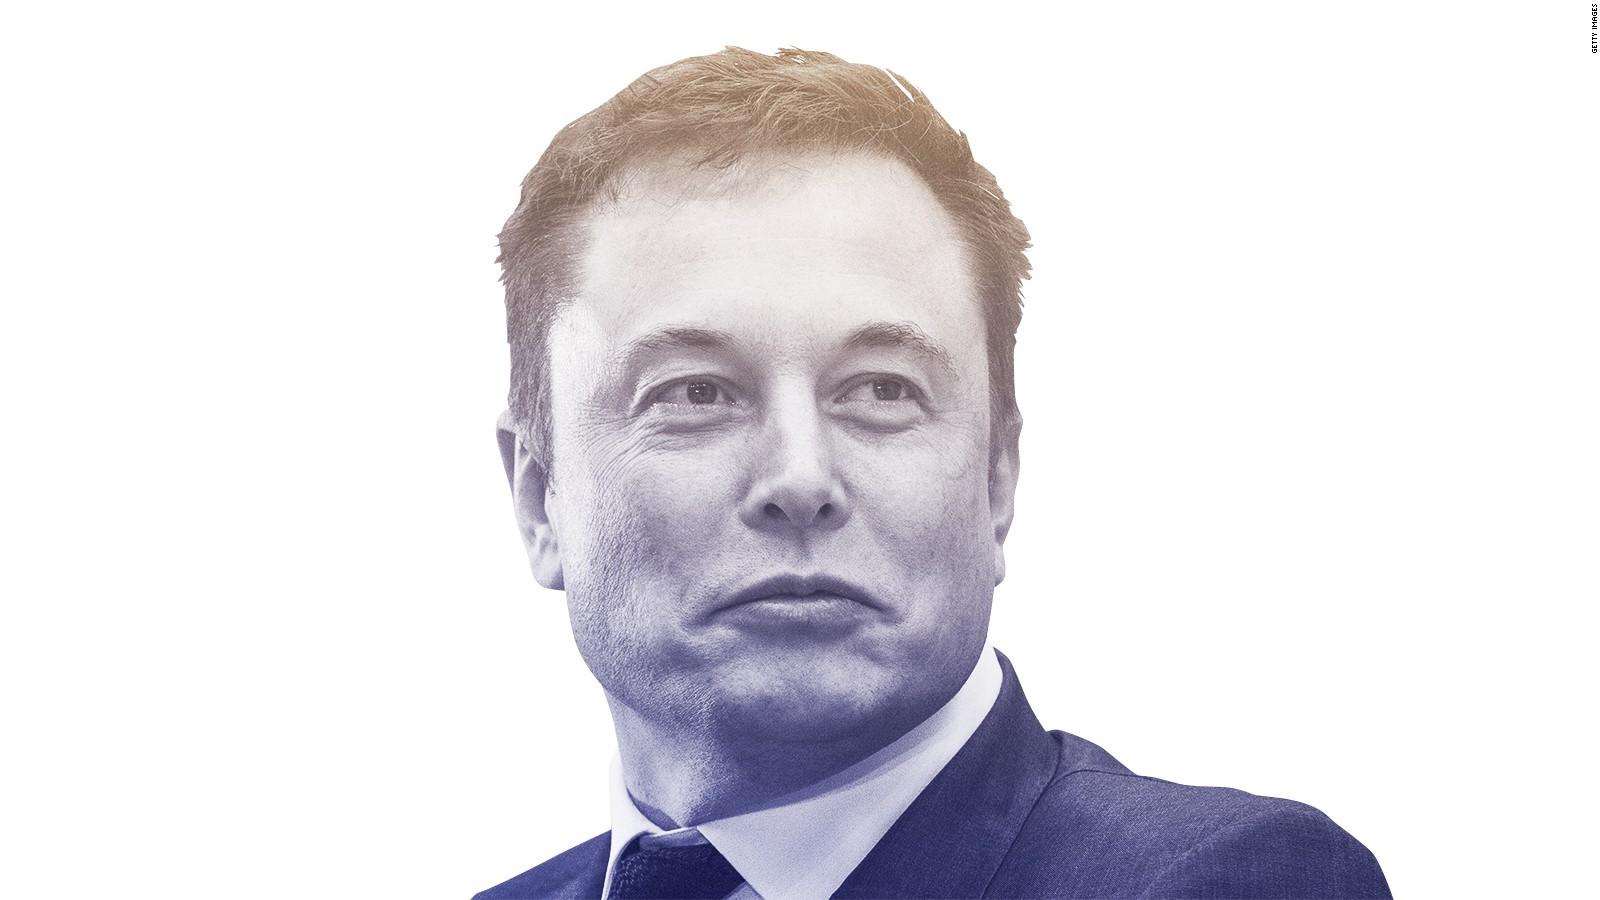 Железный человек: история успеха Илона Маска